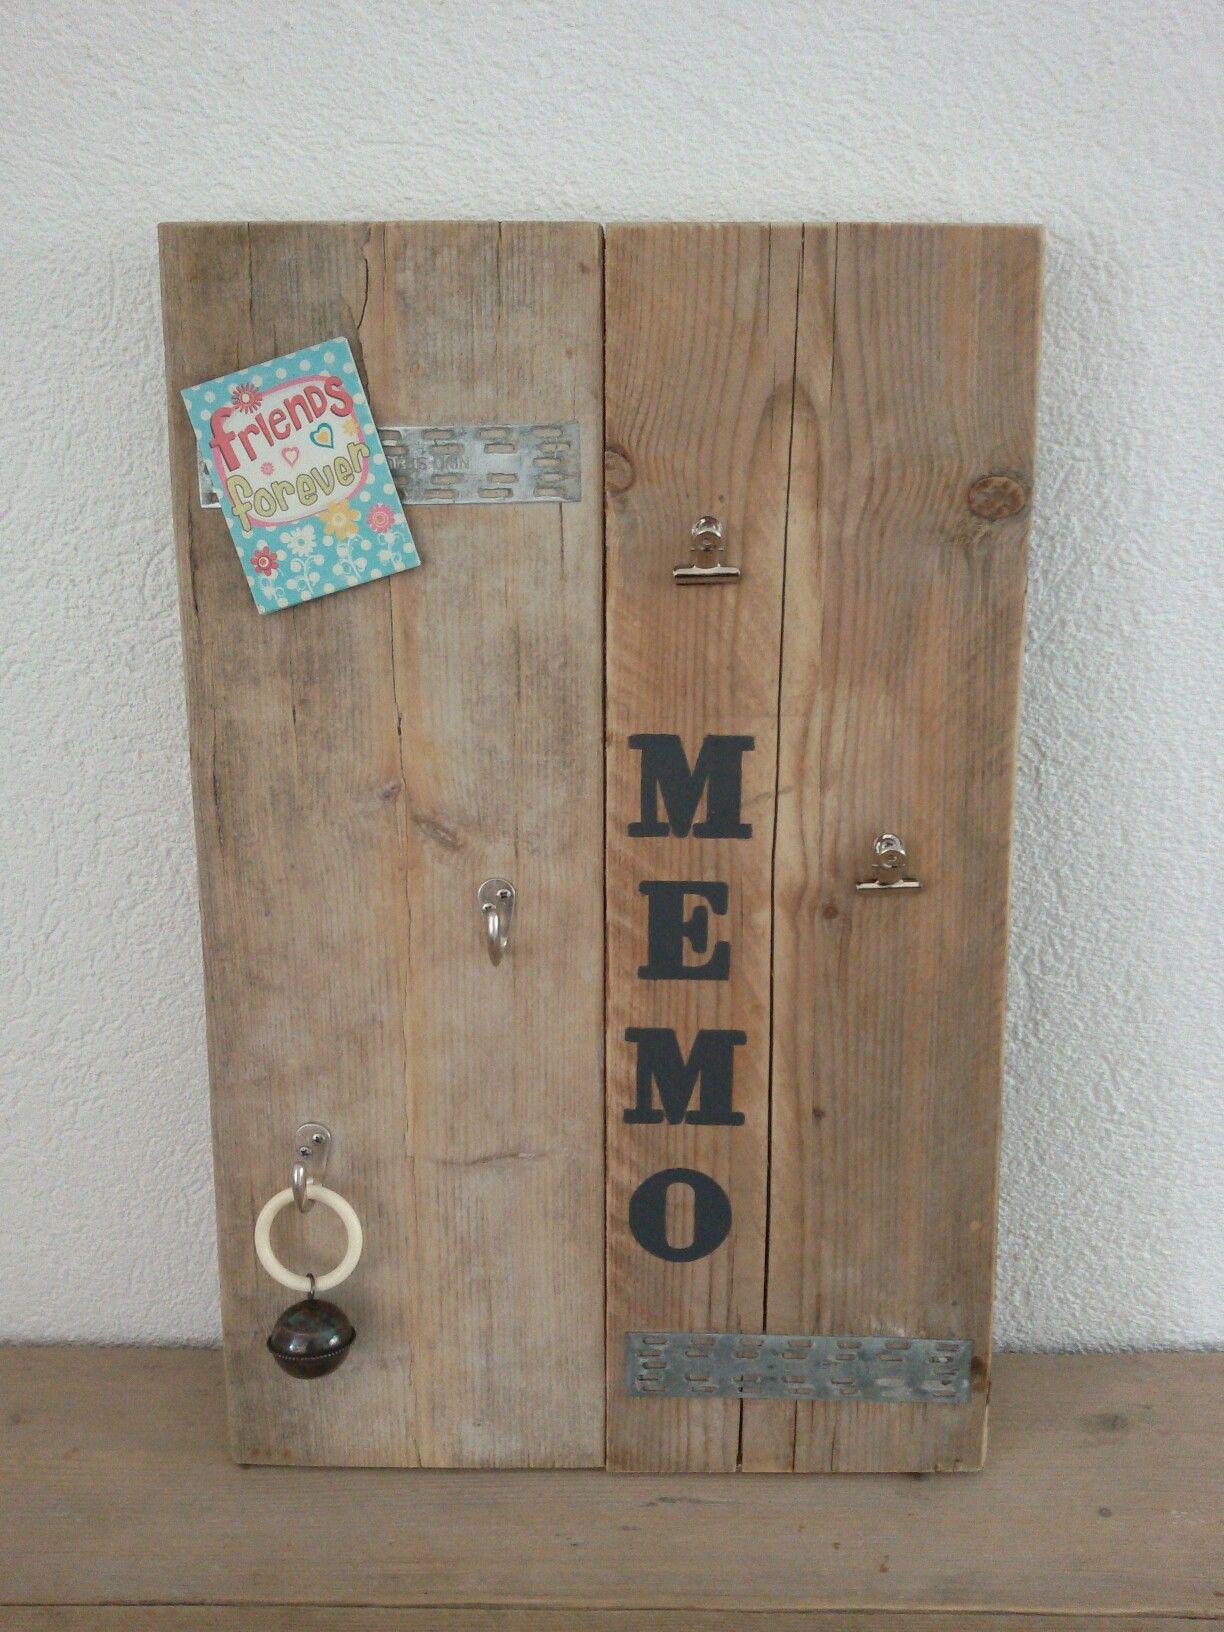 Memobord